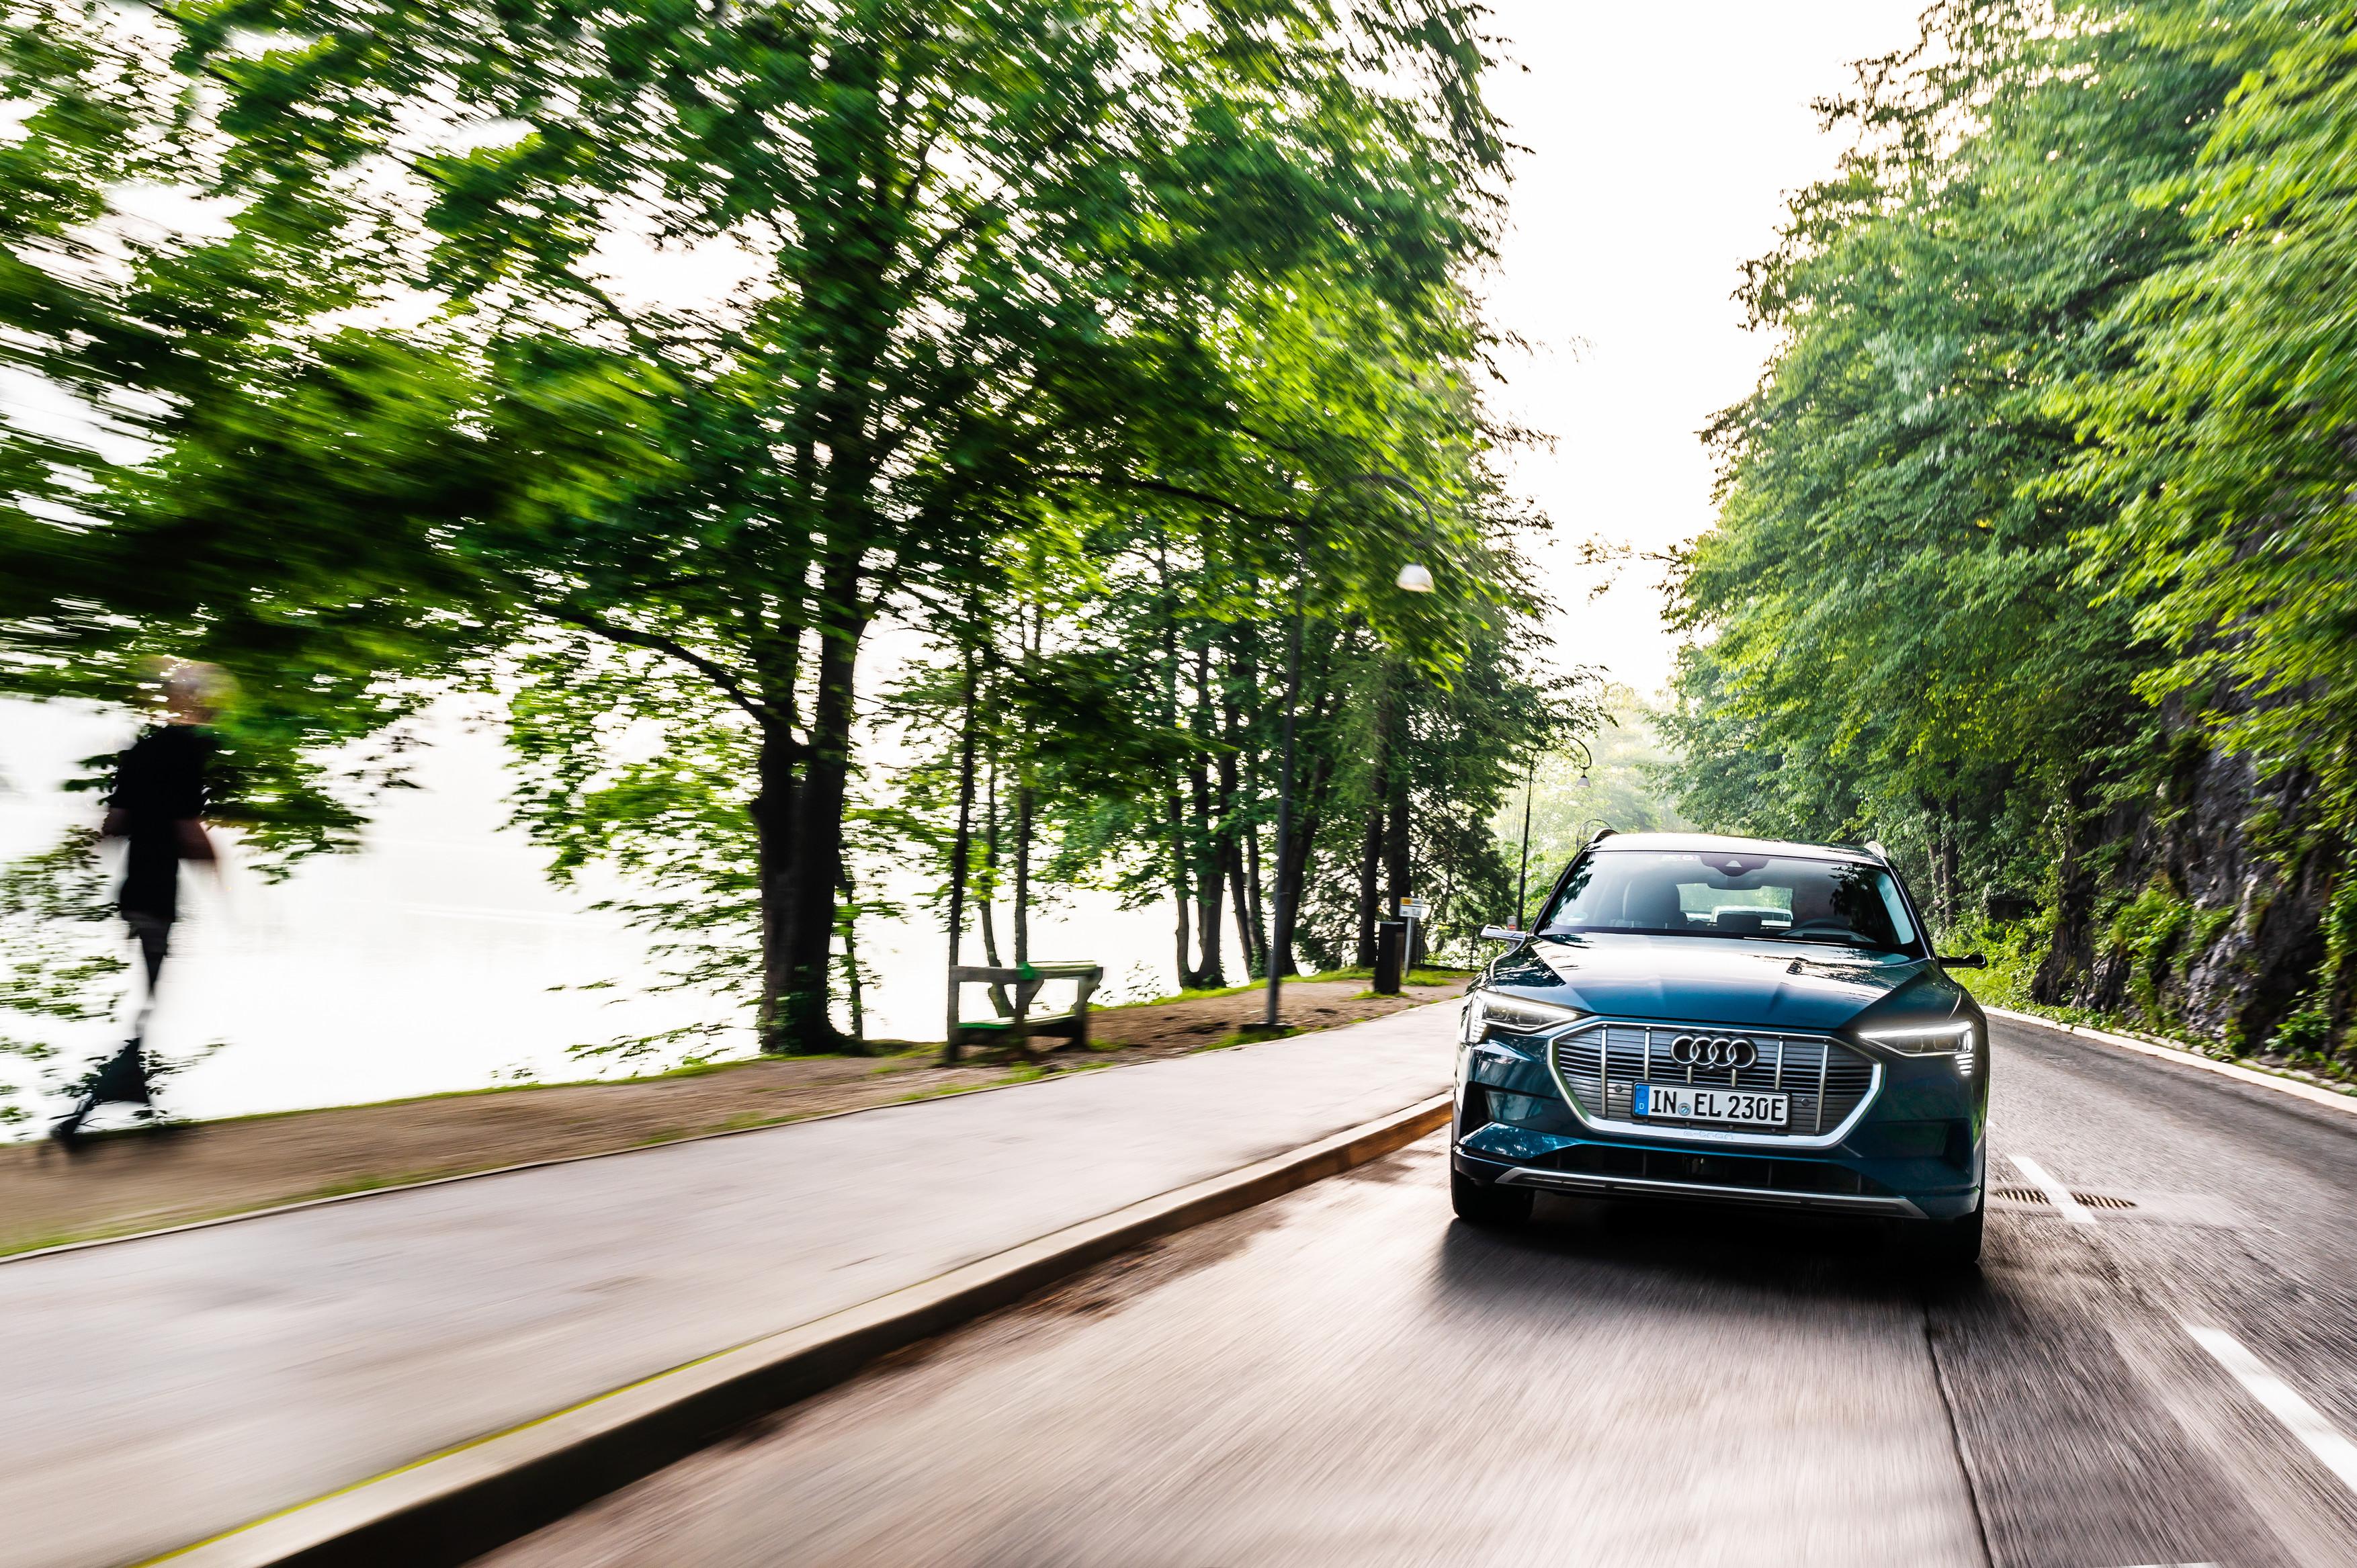 Audi e-tron na cesti, ki pelje med drevoredom. Na levi strani voda